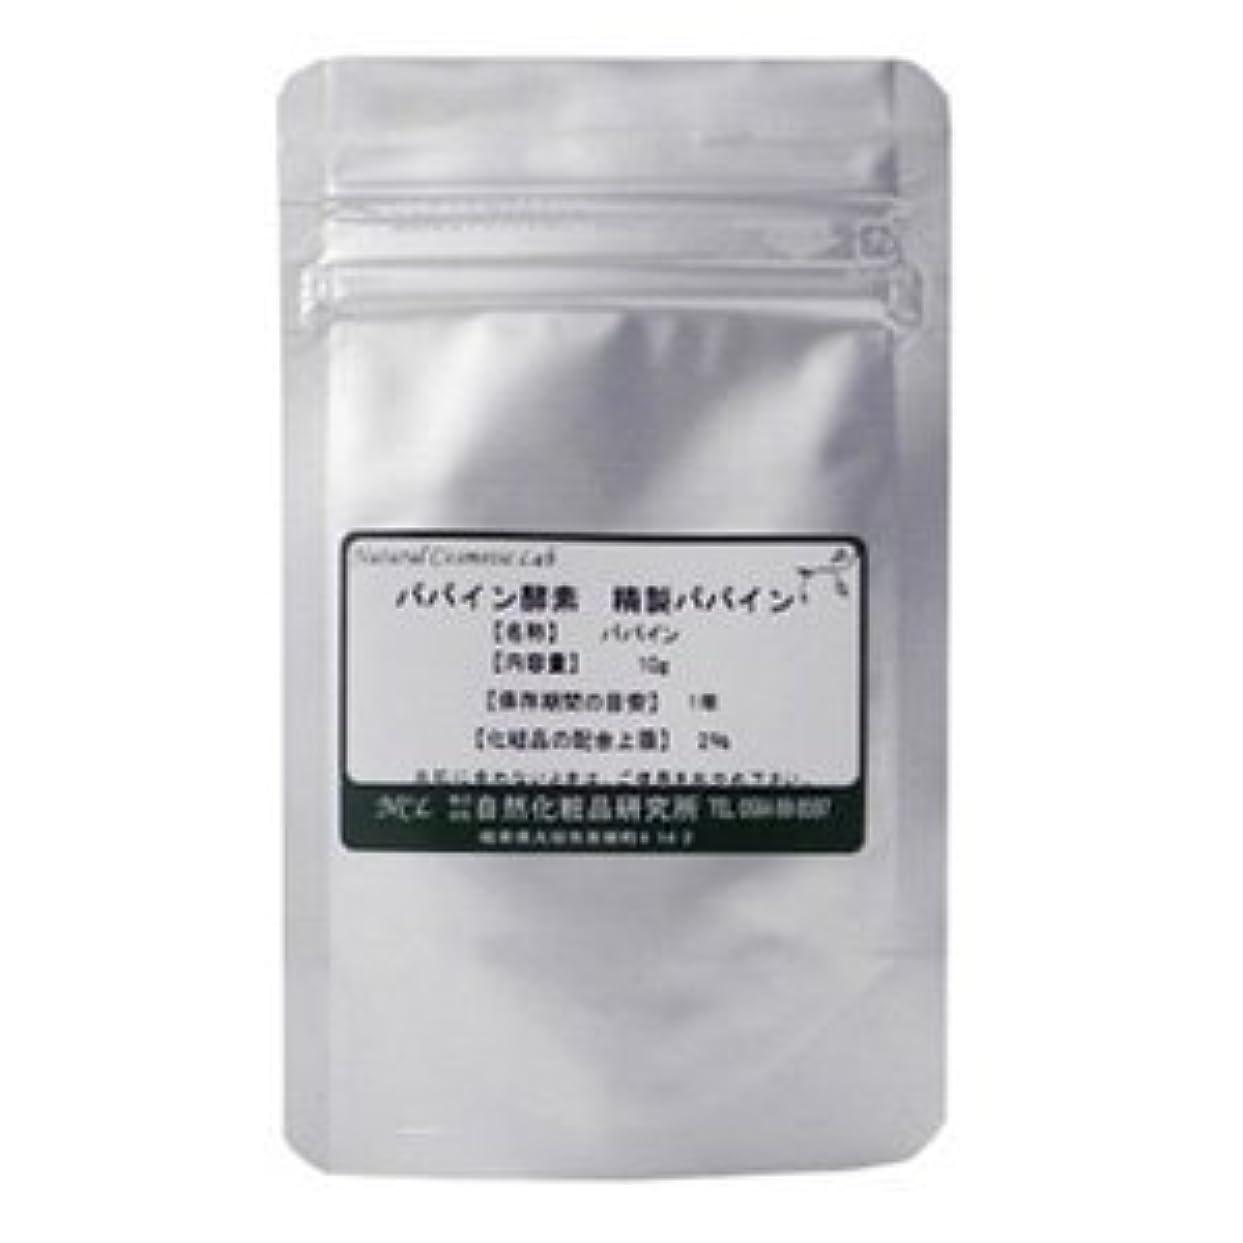 名義で吸収するデンマークパパイン酵素 精製パパイン 洗顔料 化粧品原料 10g